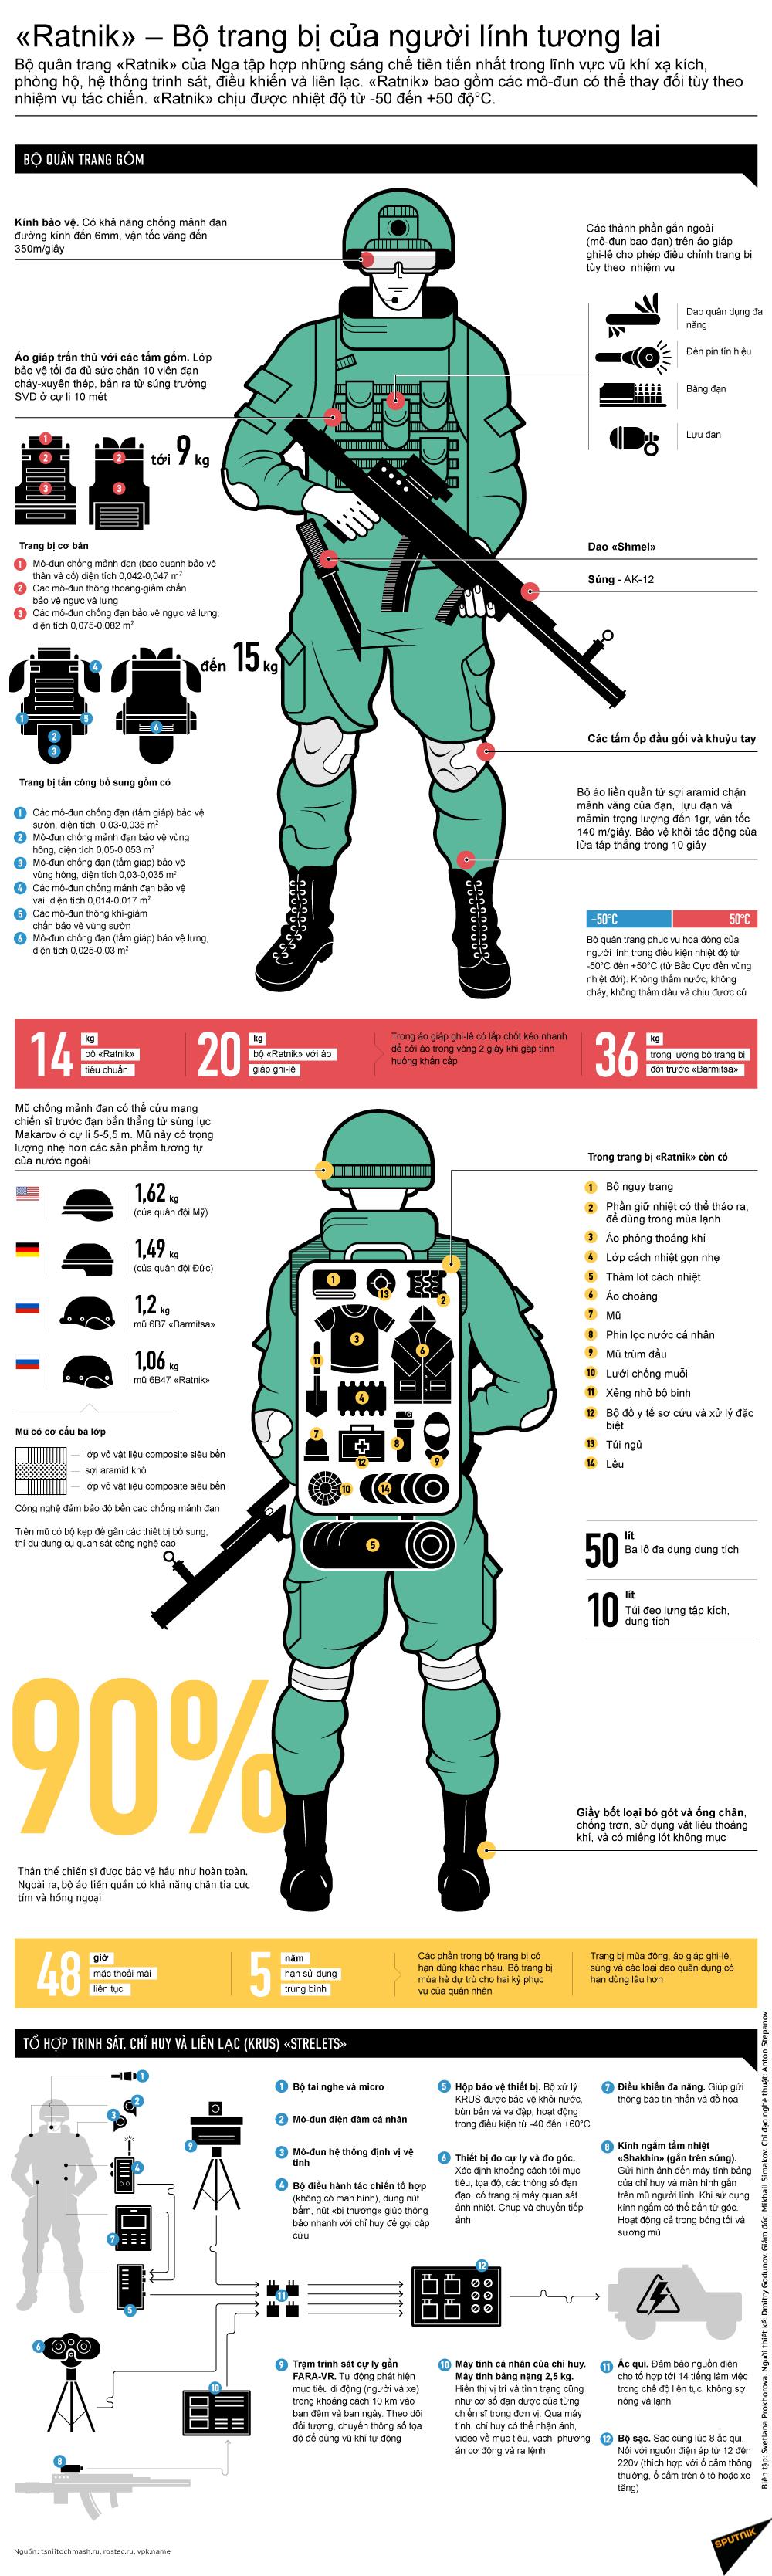 «Ratnik» – Bộ trang bị của người lính tương lai - Sputnik Việt Nam